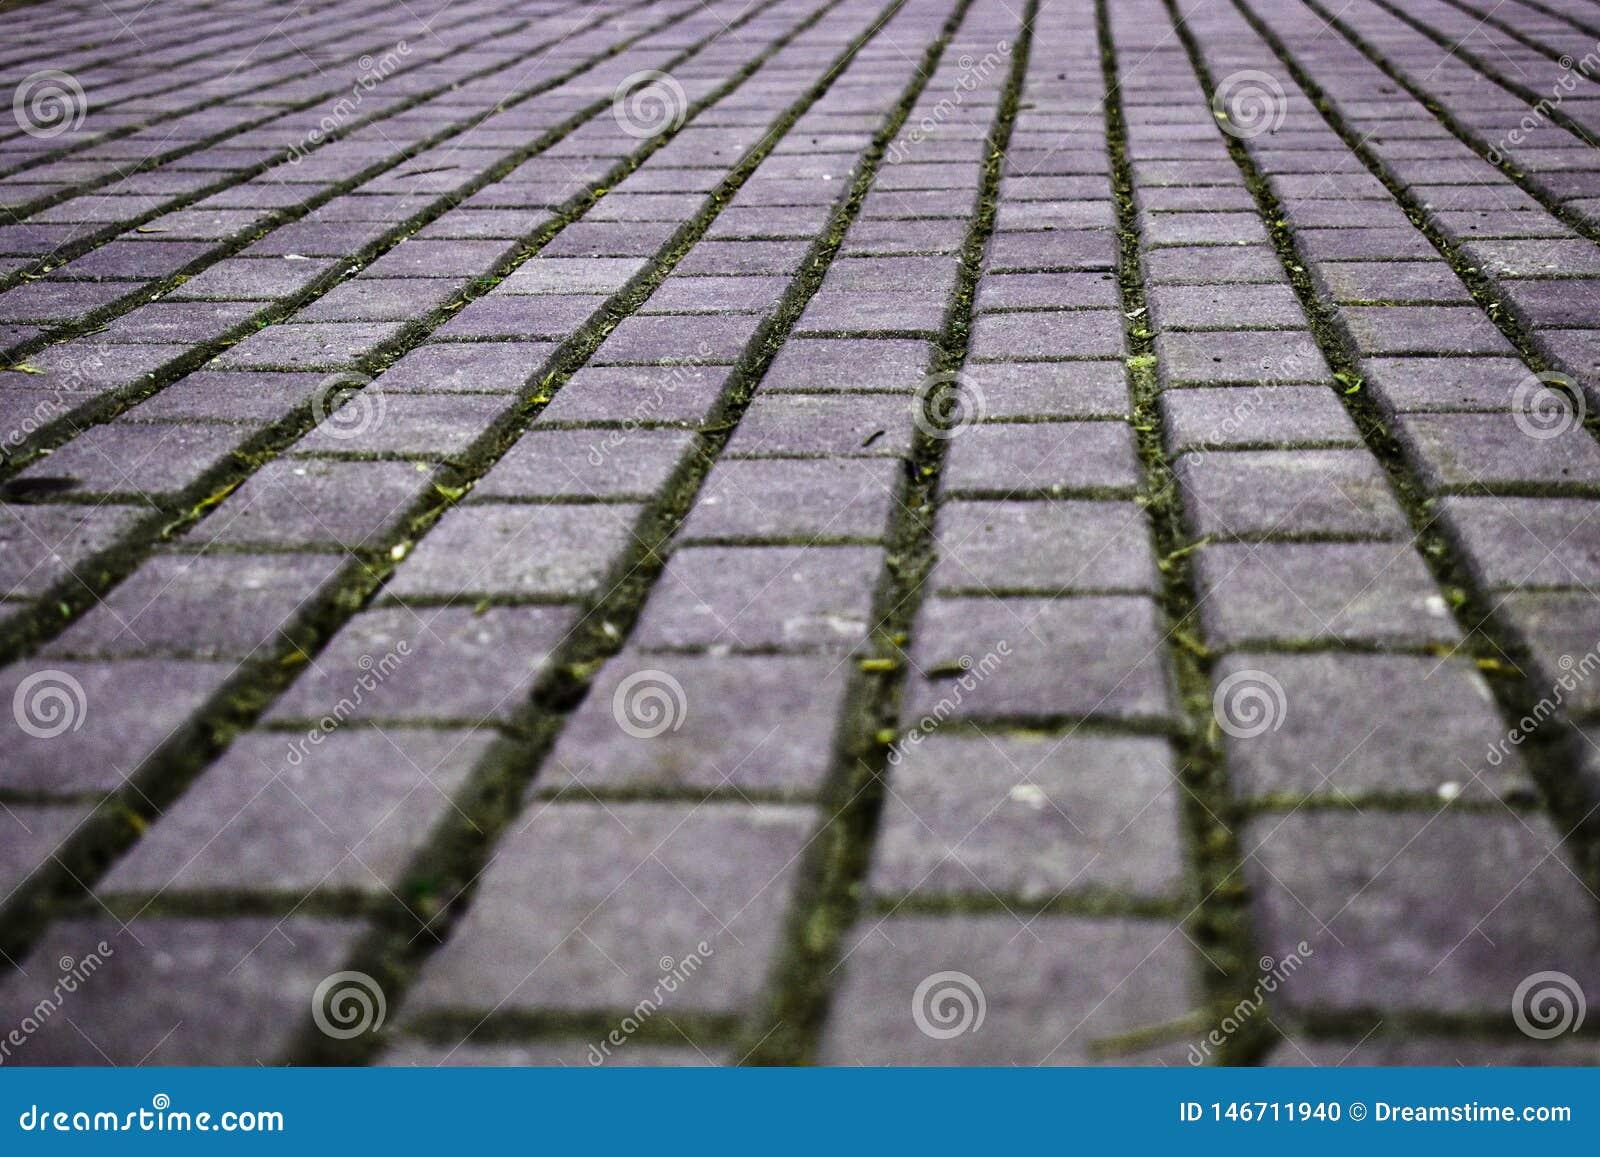 Strada di camminata fatta delle pietre per lastricati del cemento